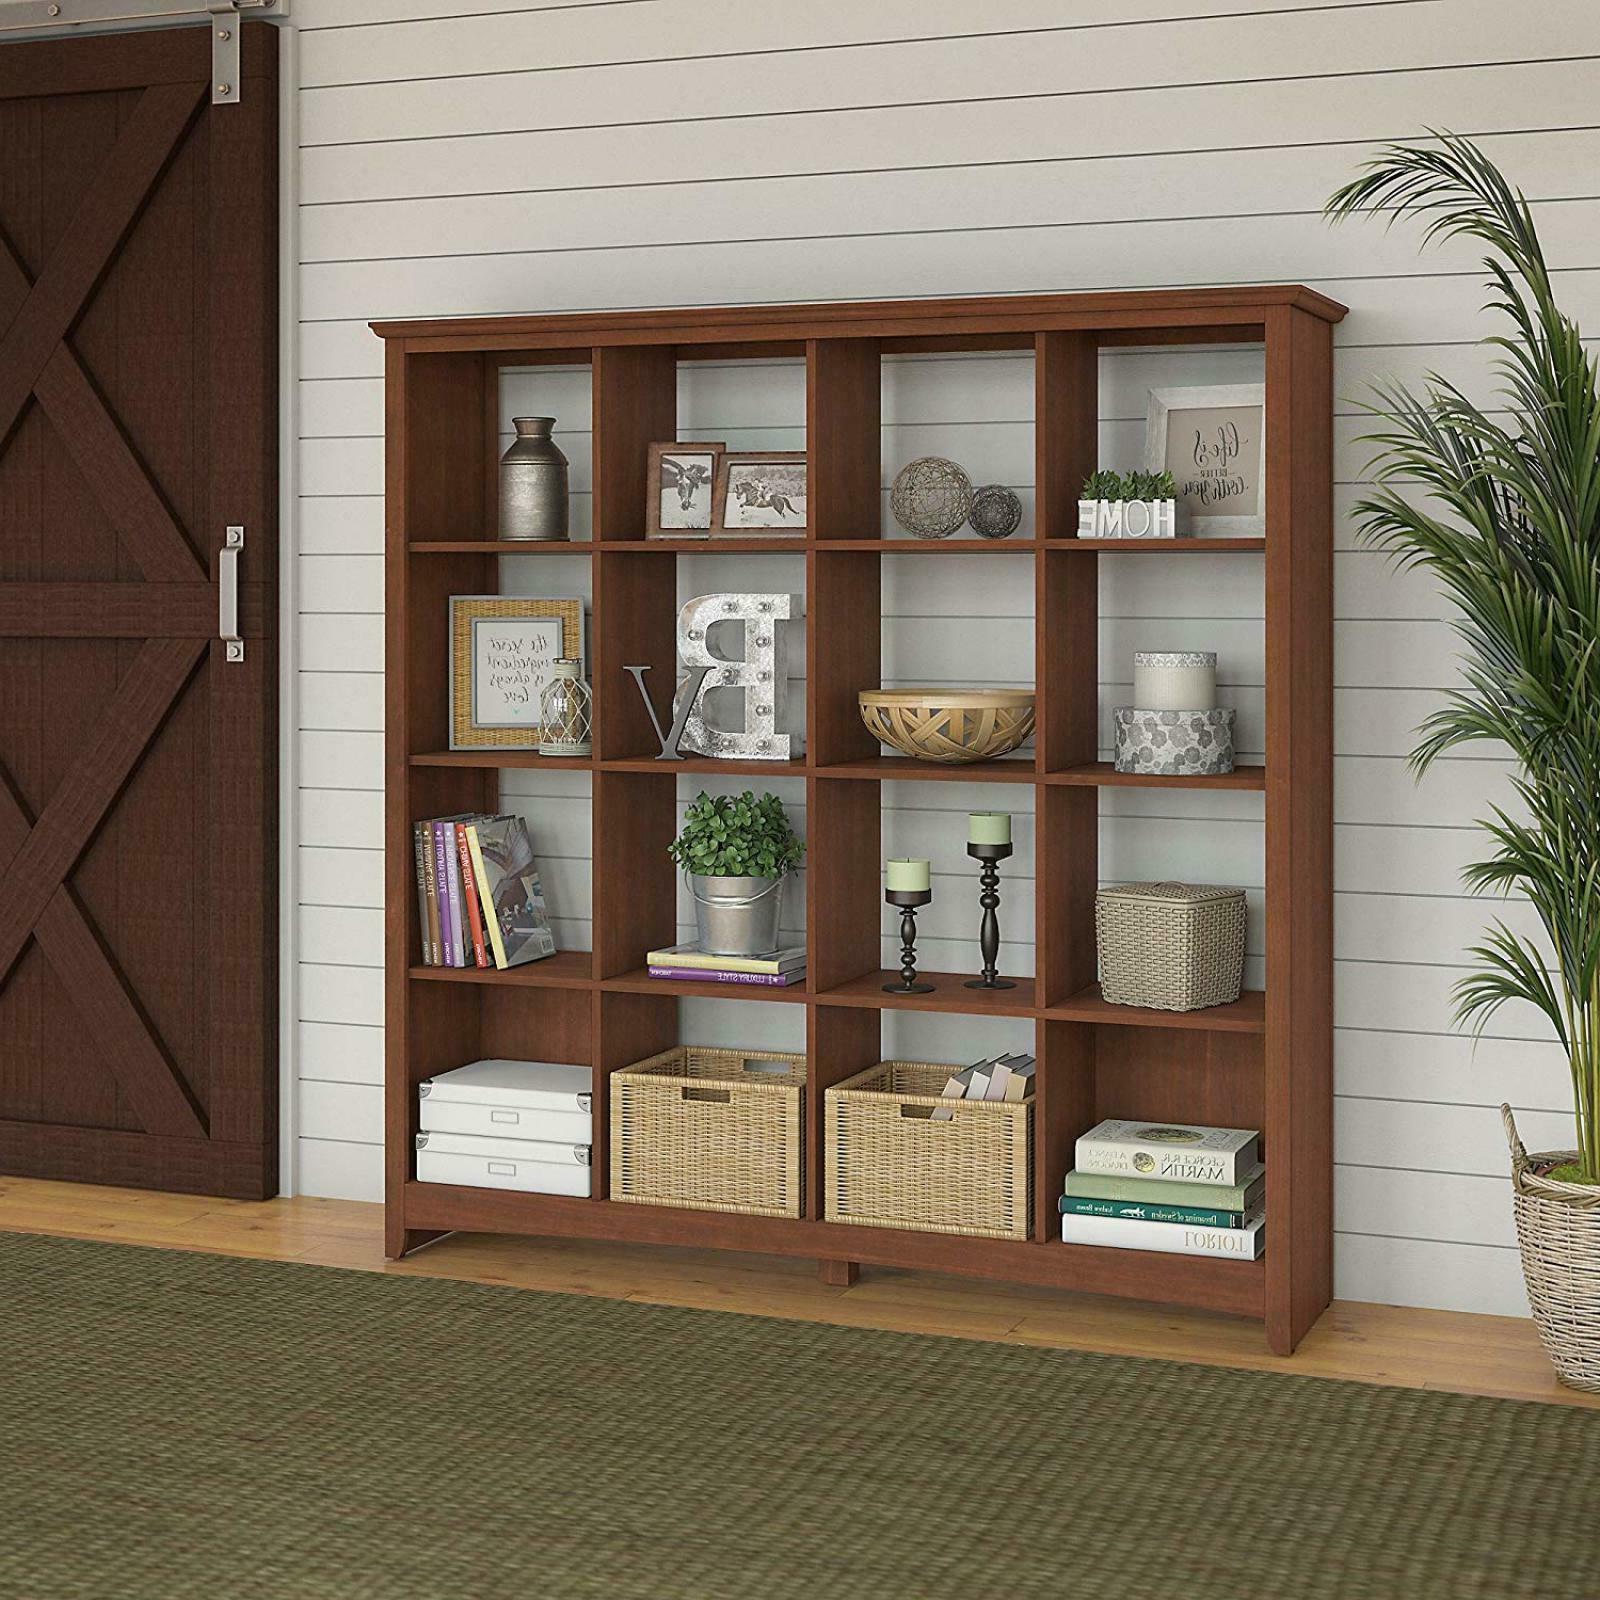 16 Bookshelf Serene Home Decor Area Furniture